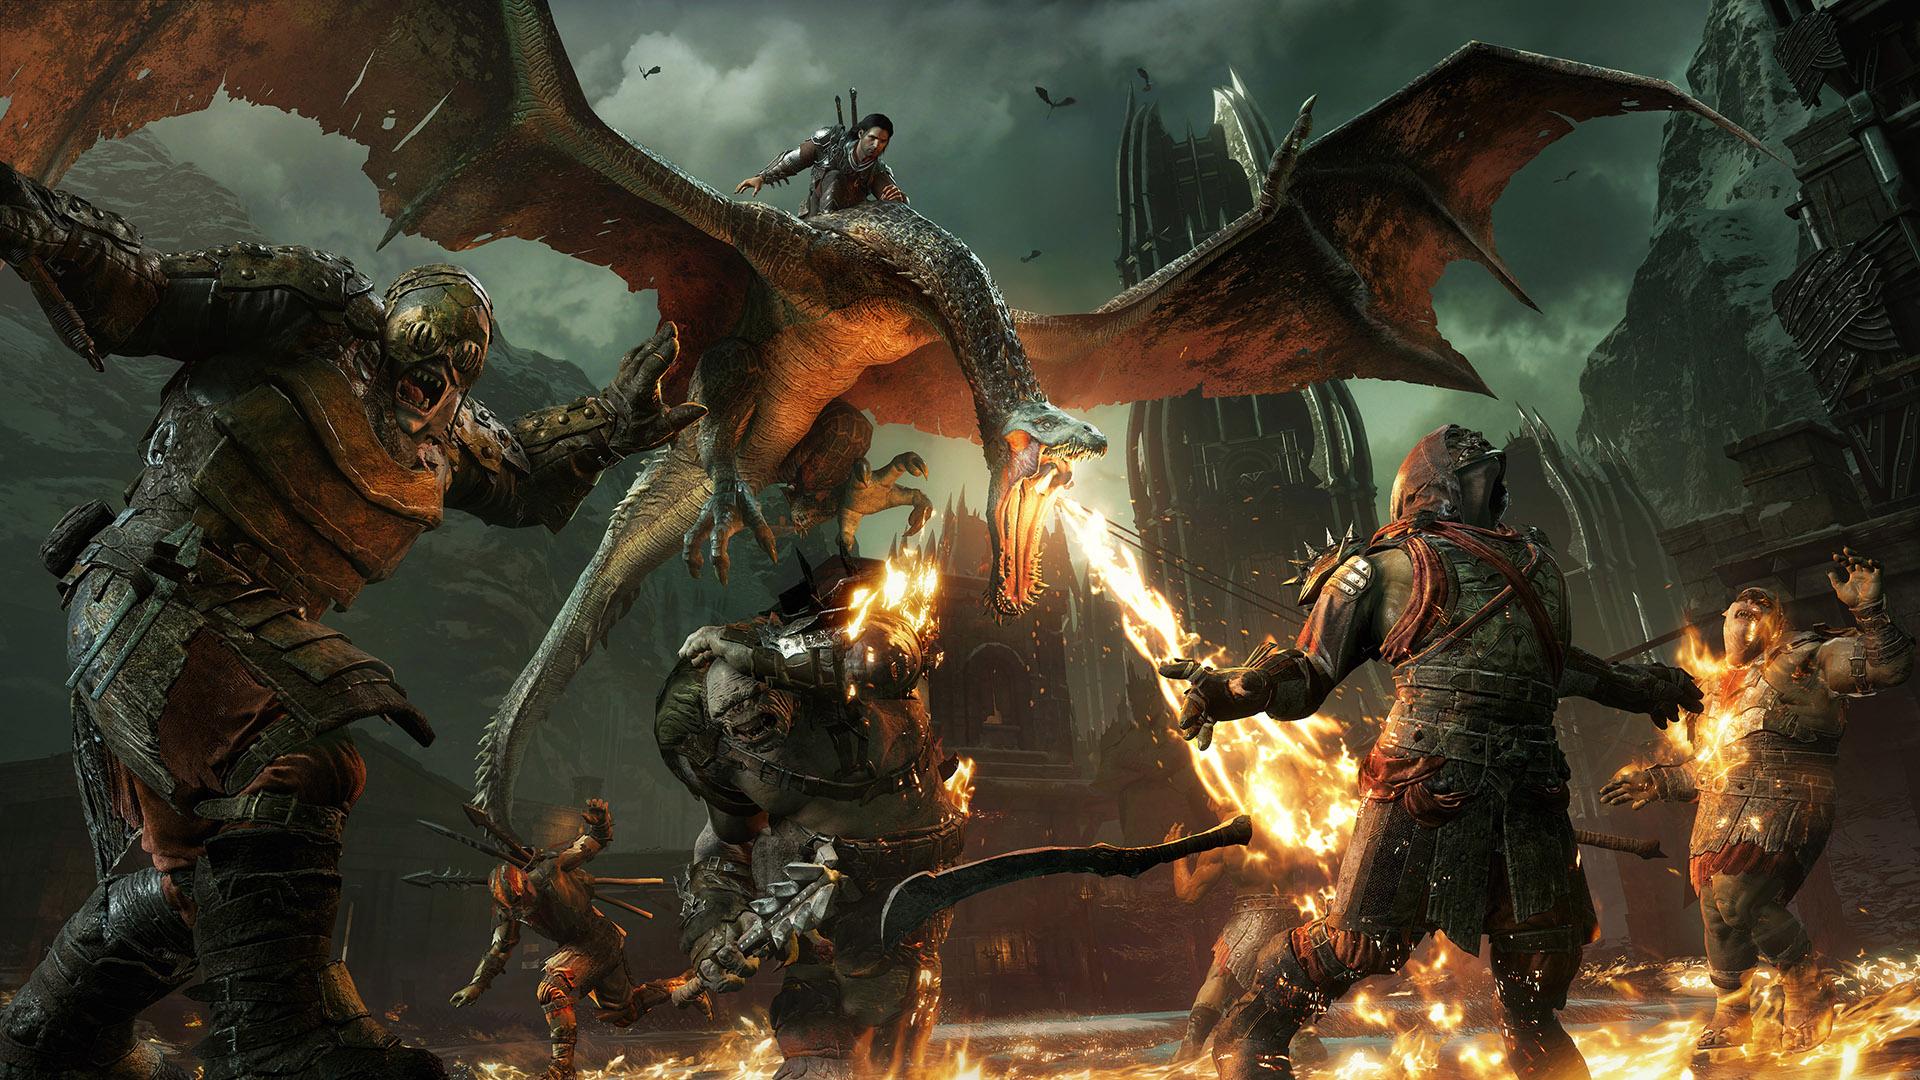 La Terra di Mezzo: L'Ombra della Guerra in bundle con Xbox One S, nuovo trailer da Colonia